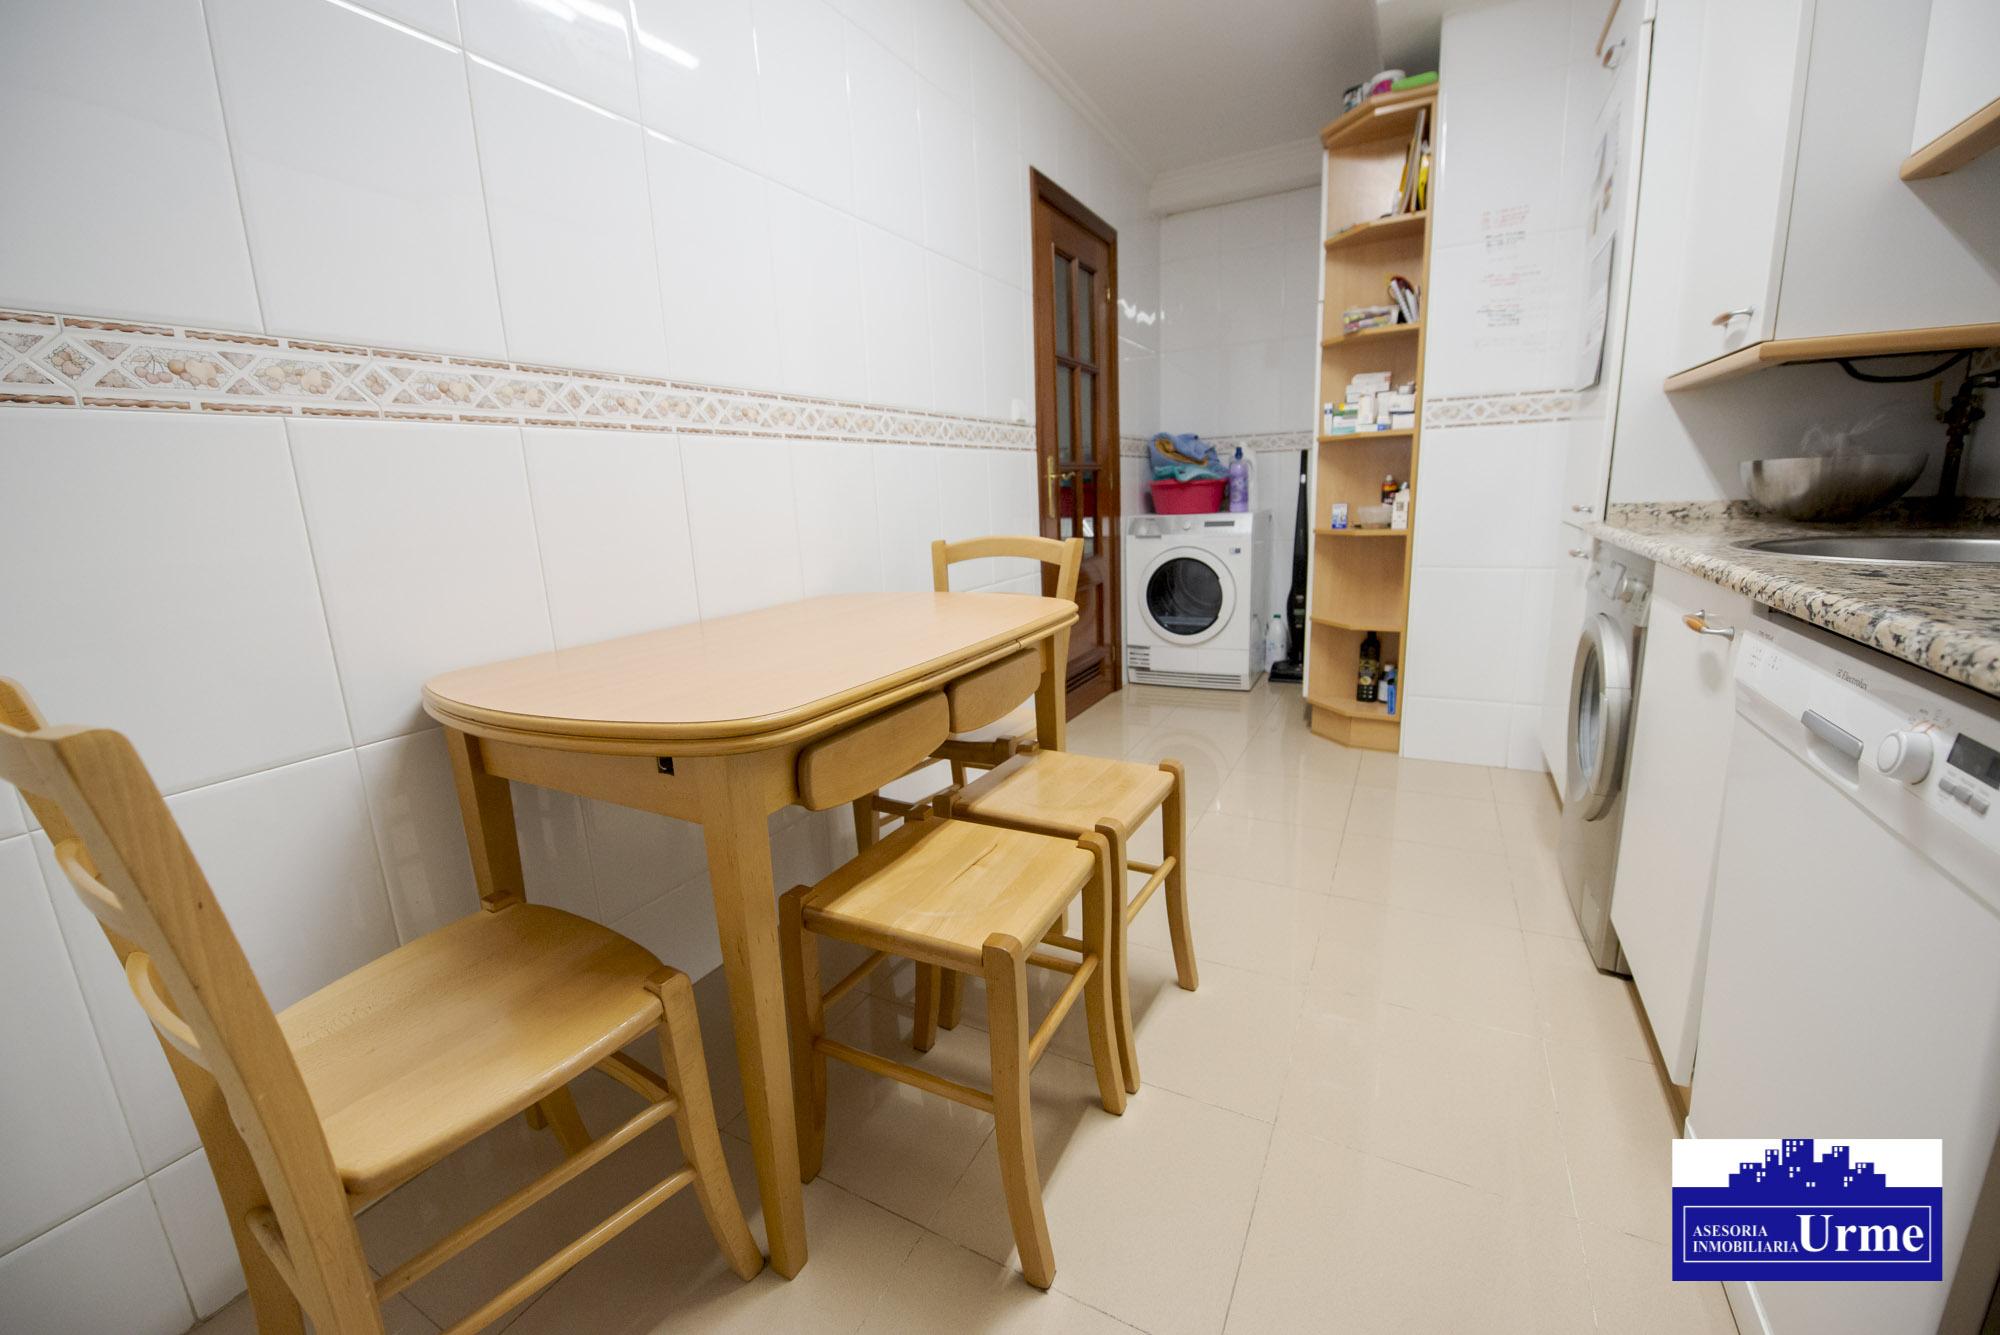 Te gustara!! en Puiana, 2 habitaciones, salon majo, cocina equipa y baño.Parking y trastero.Perfecto!!